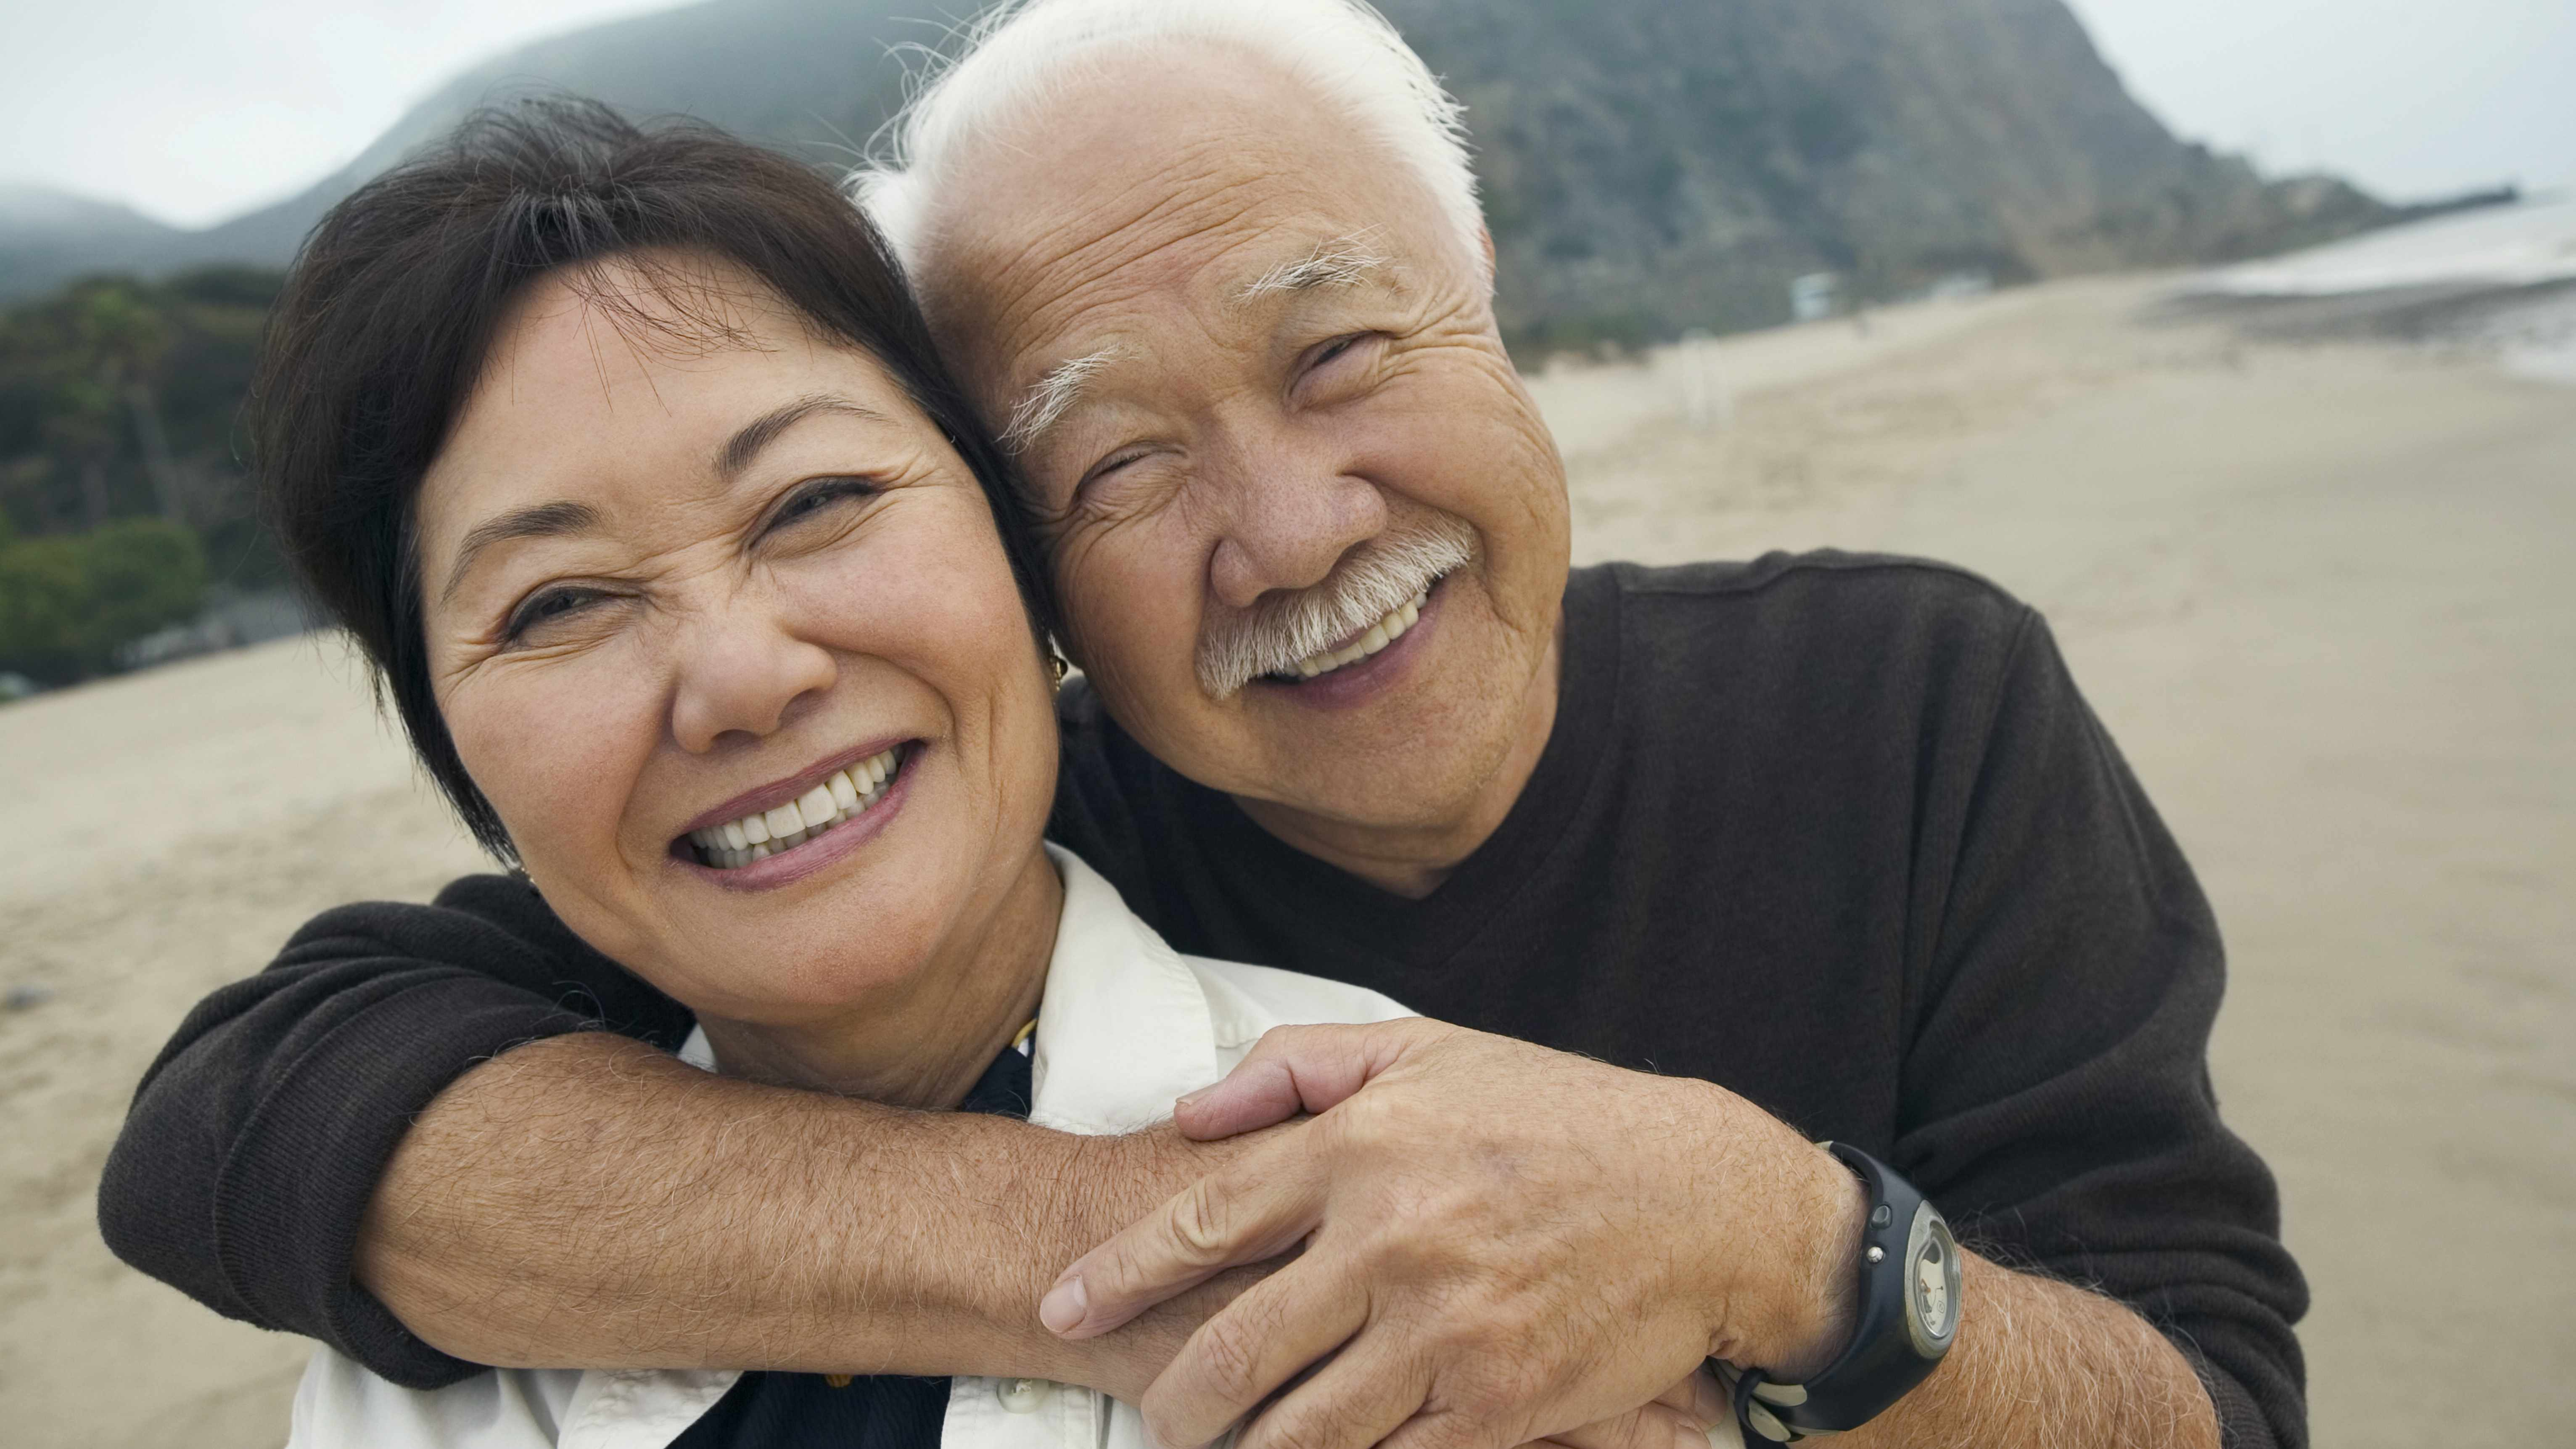 Un hombre y una mujer de mediana edad sonreídos y abrazados en la playa